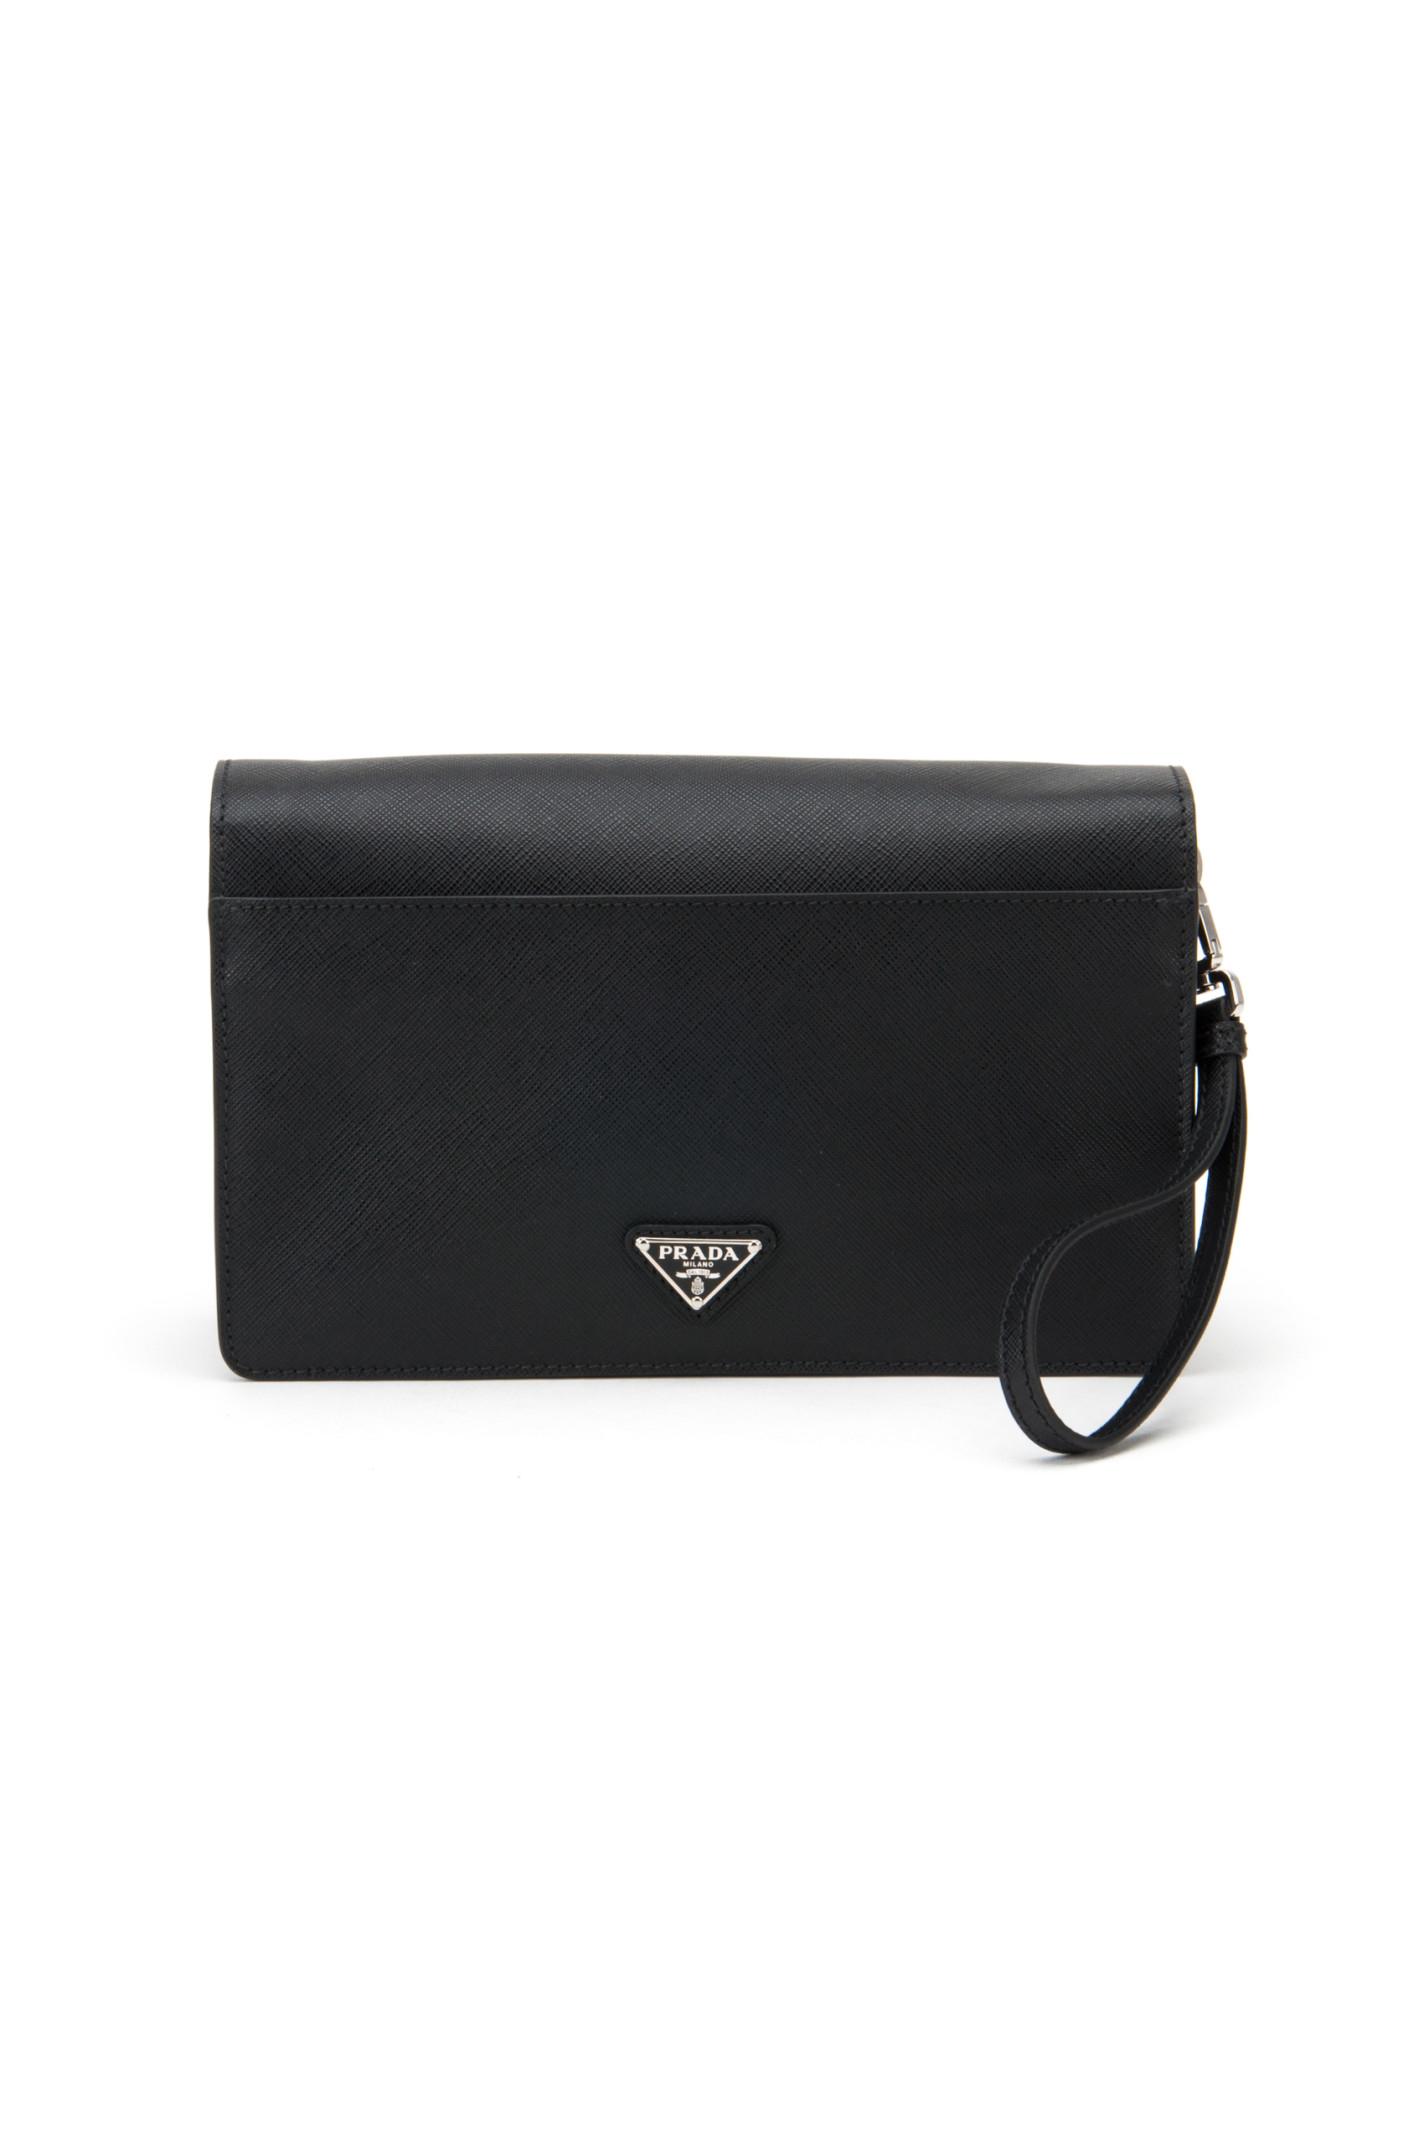 2ff155c10cf2 ... black e16e5 e5be2 promo code for prada saffiano bag borsa a4684 4ba5a  ...